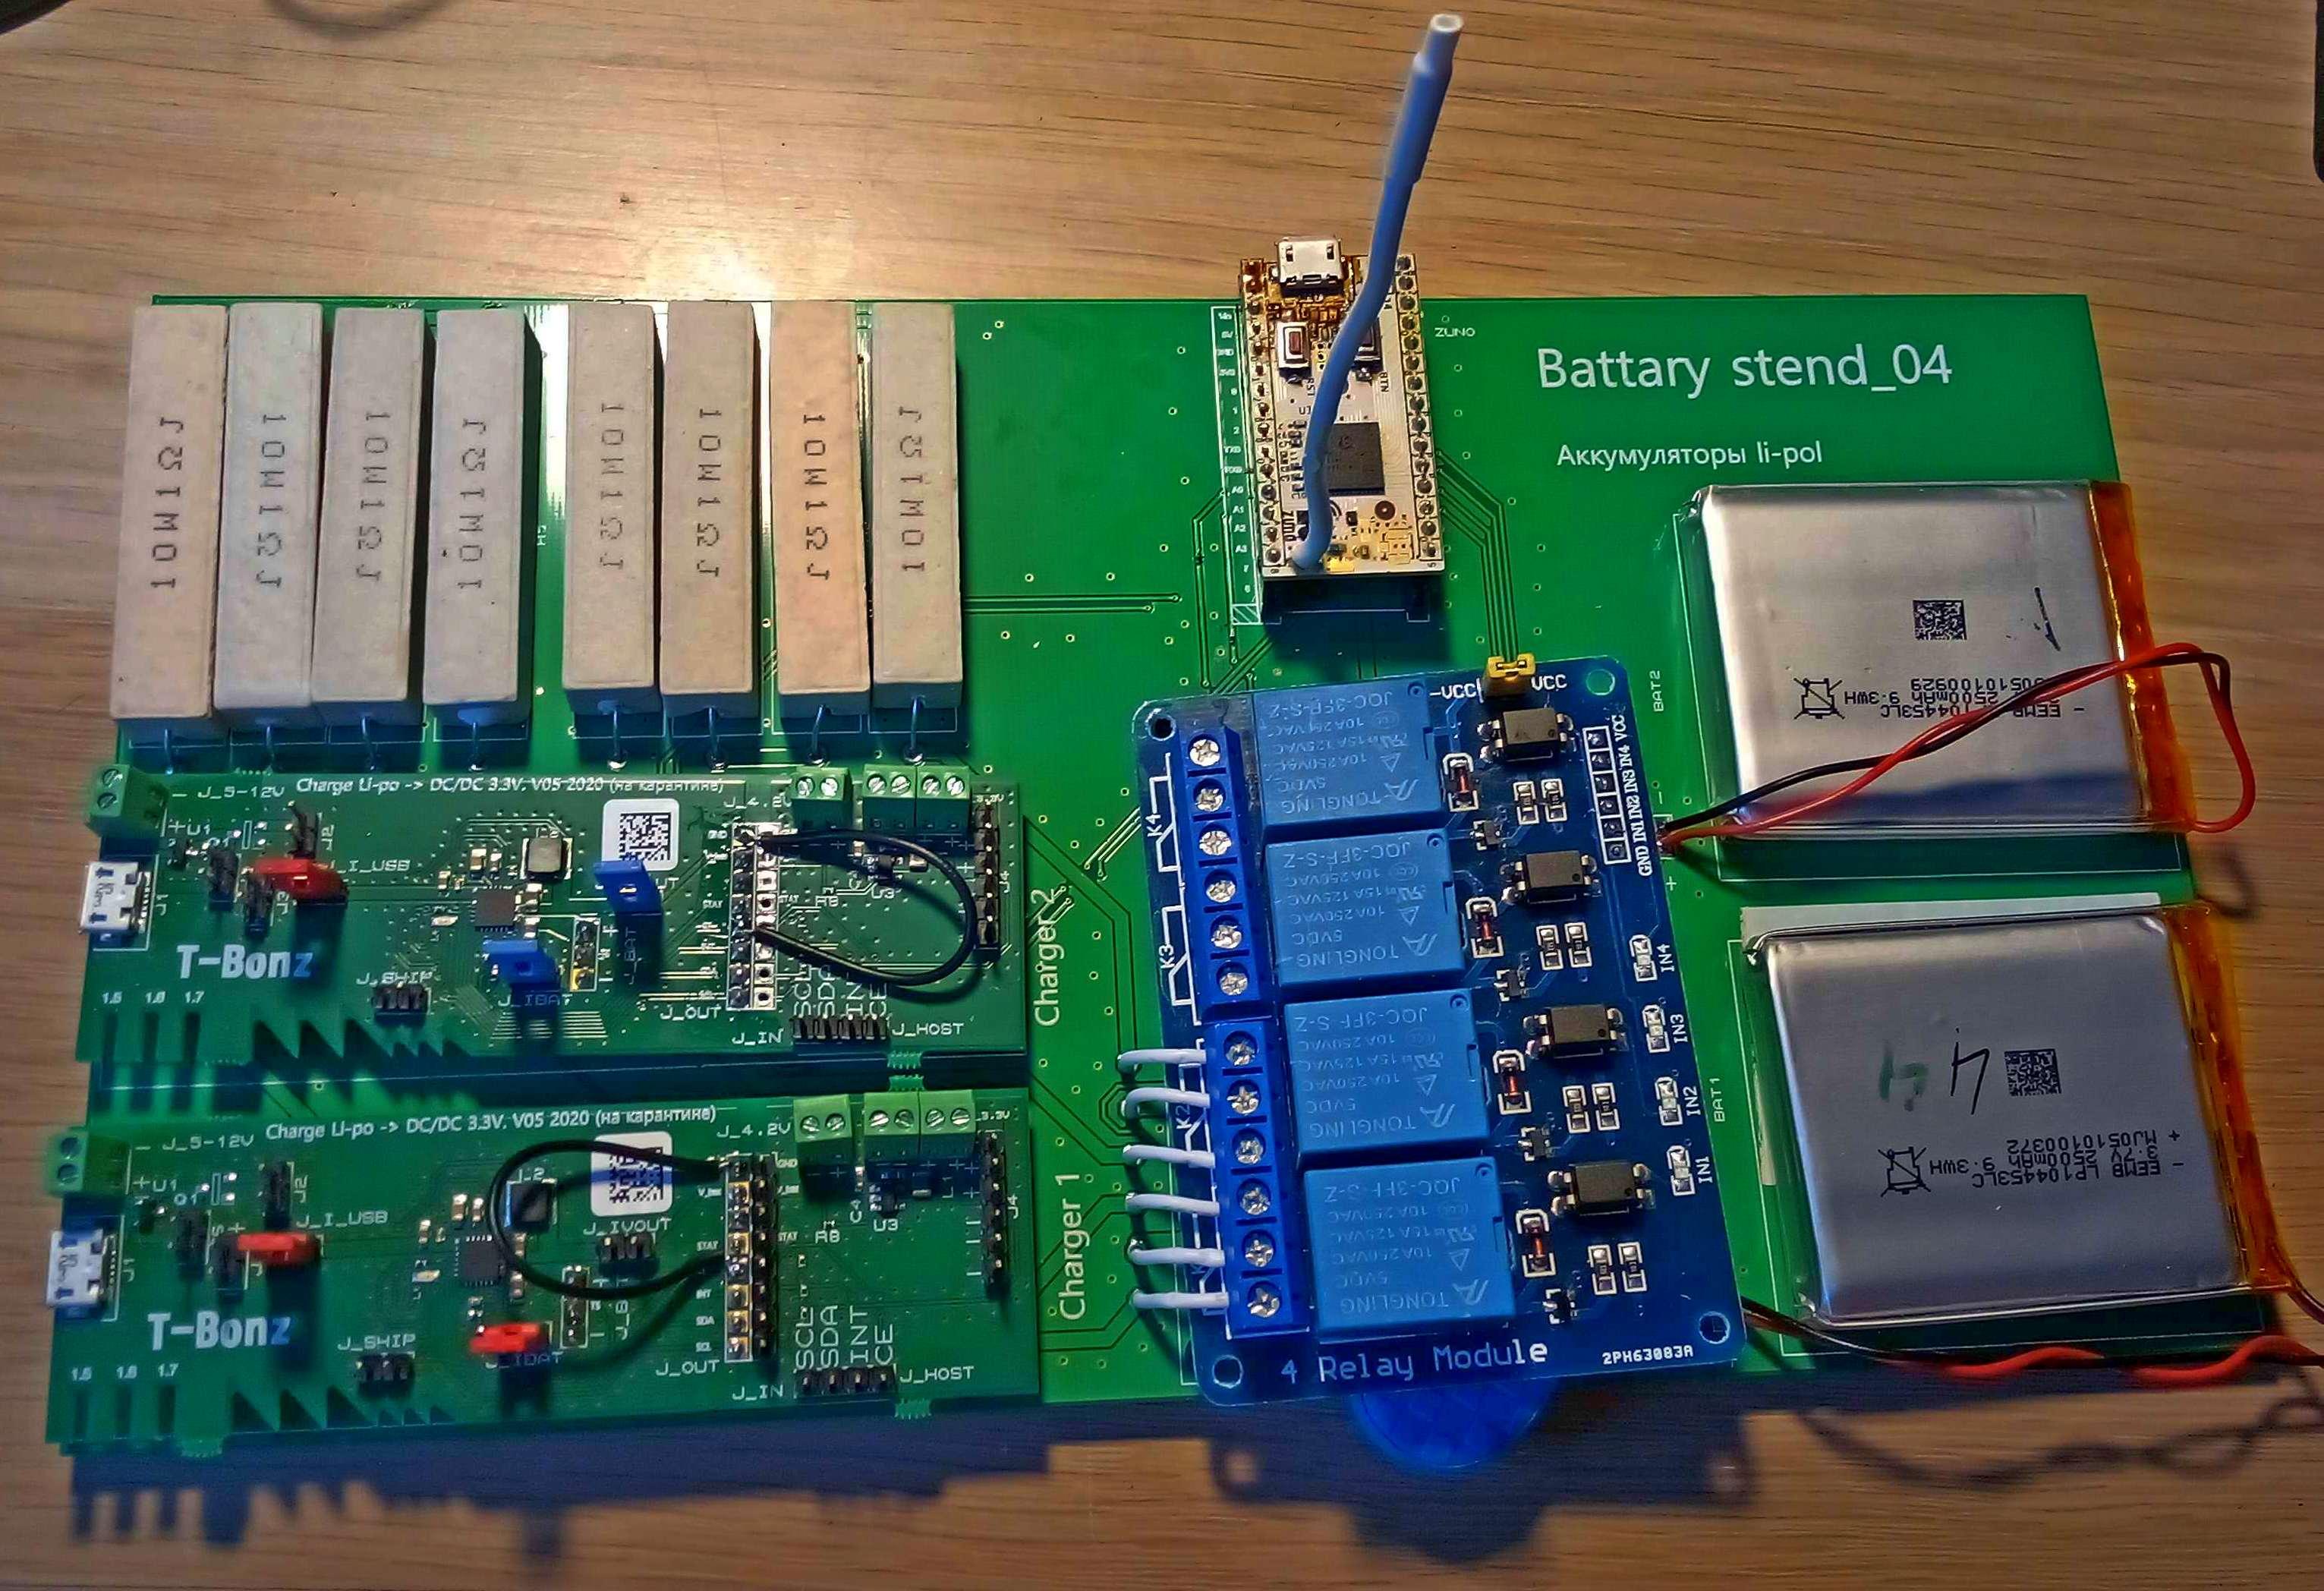 Выбор элементной базы для аккумуляторного питания небольшого устройства - 1